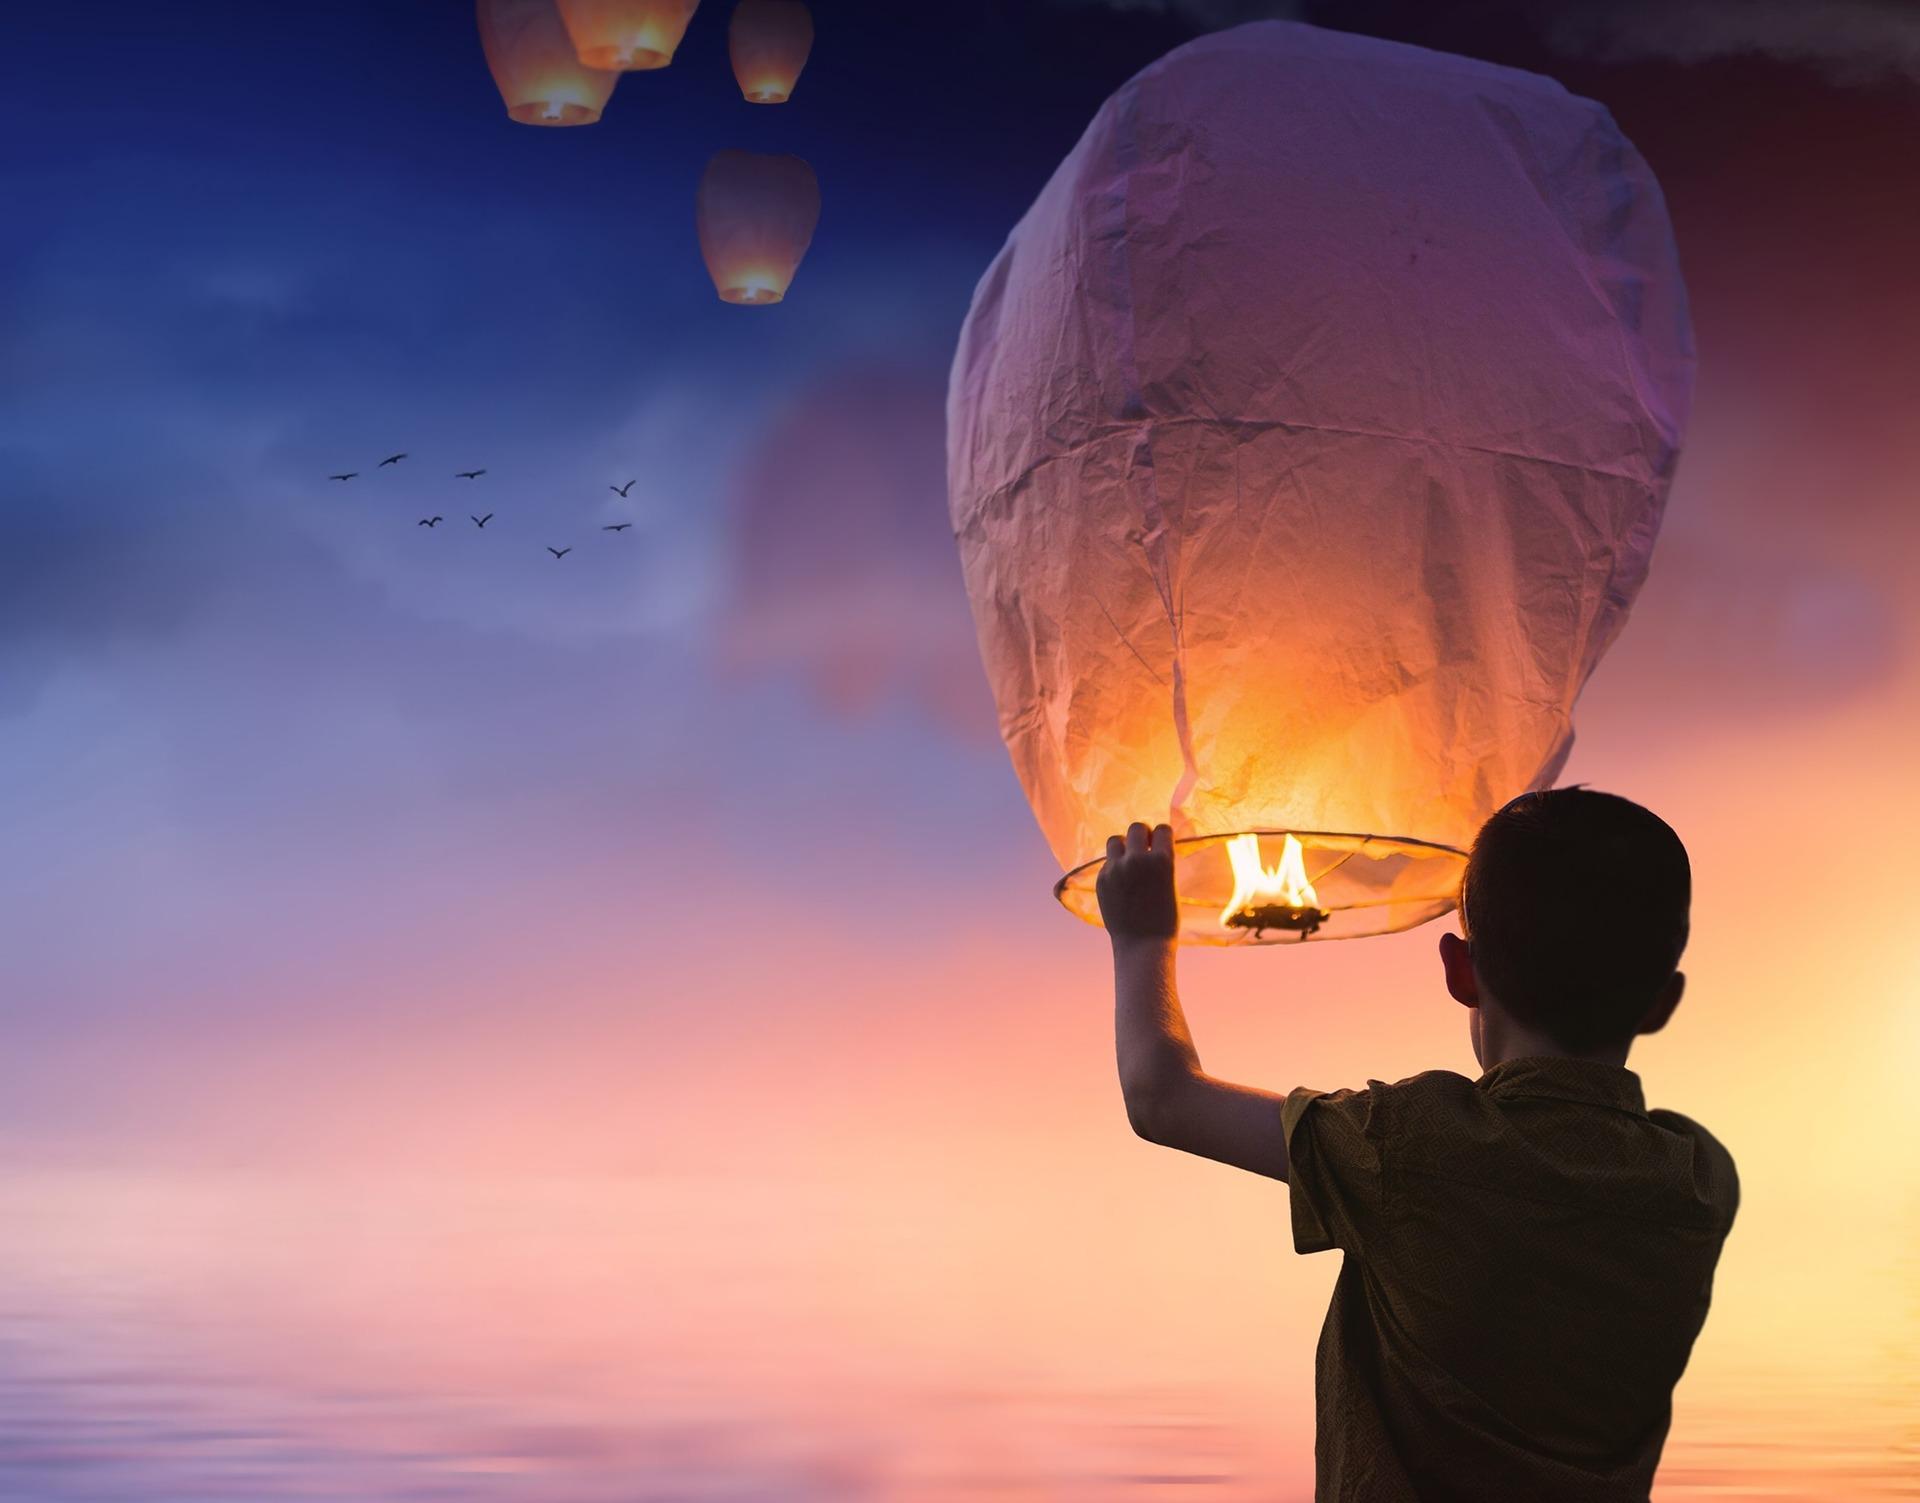 Junge der ein Licht in den Himmel aufsteigen lässt als Sinnbild für das Loslassen